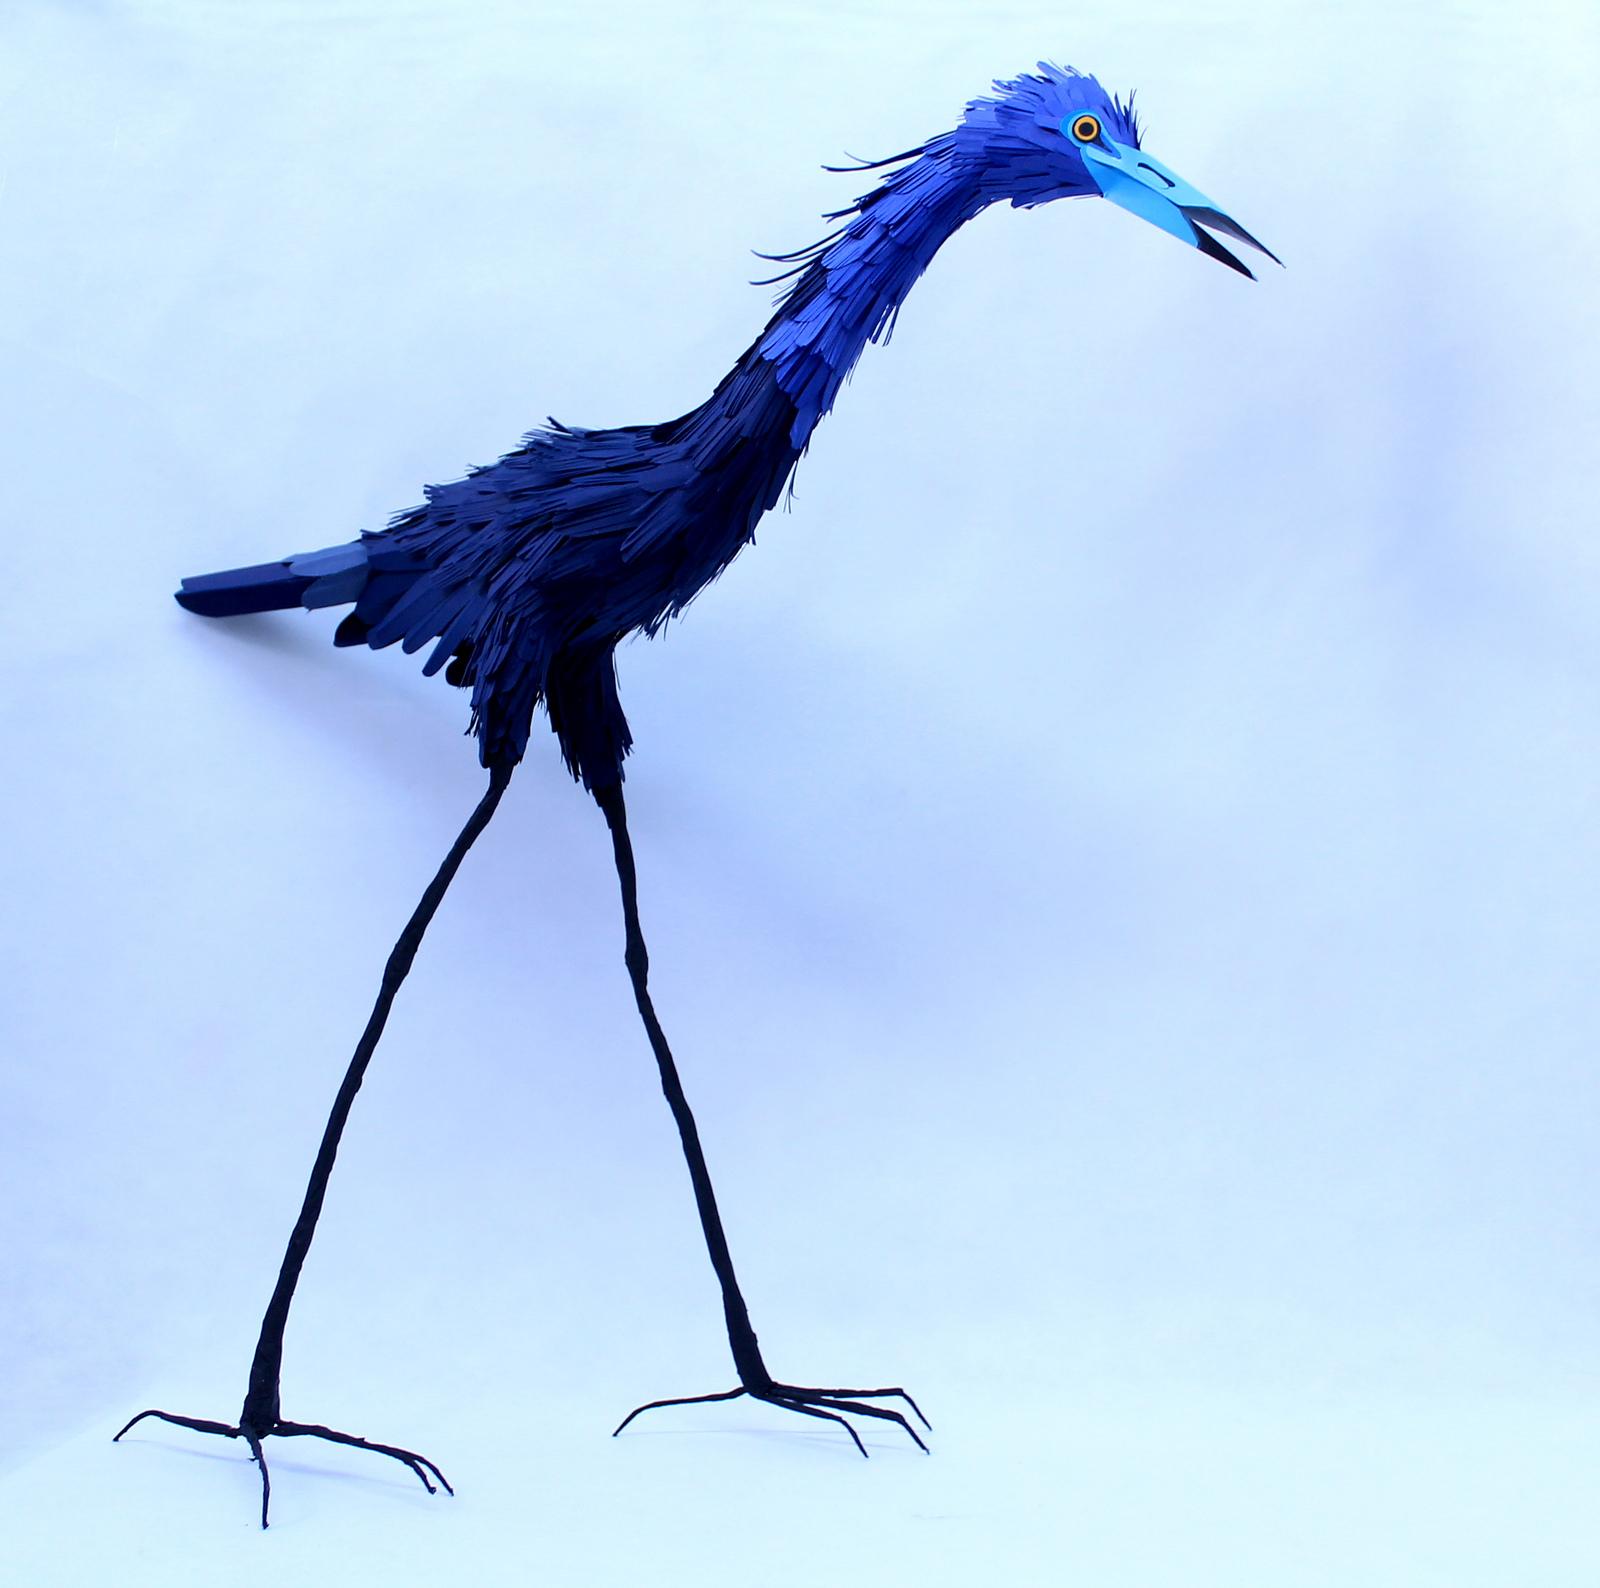 paper-birds-diana-beltran-herrera-16